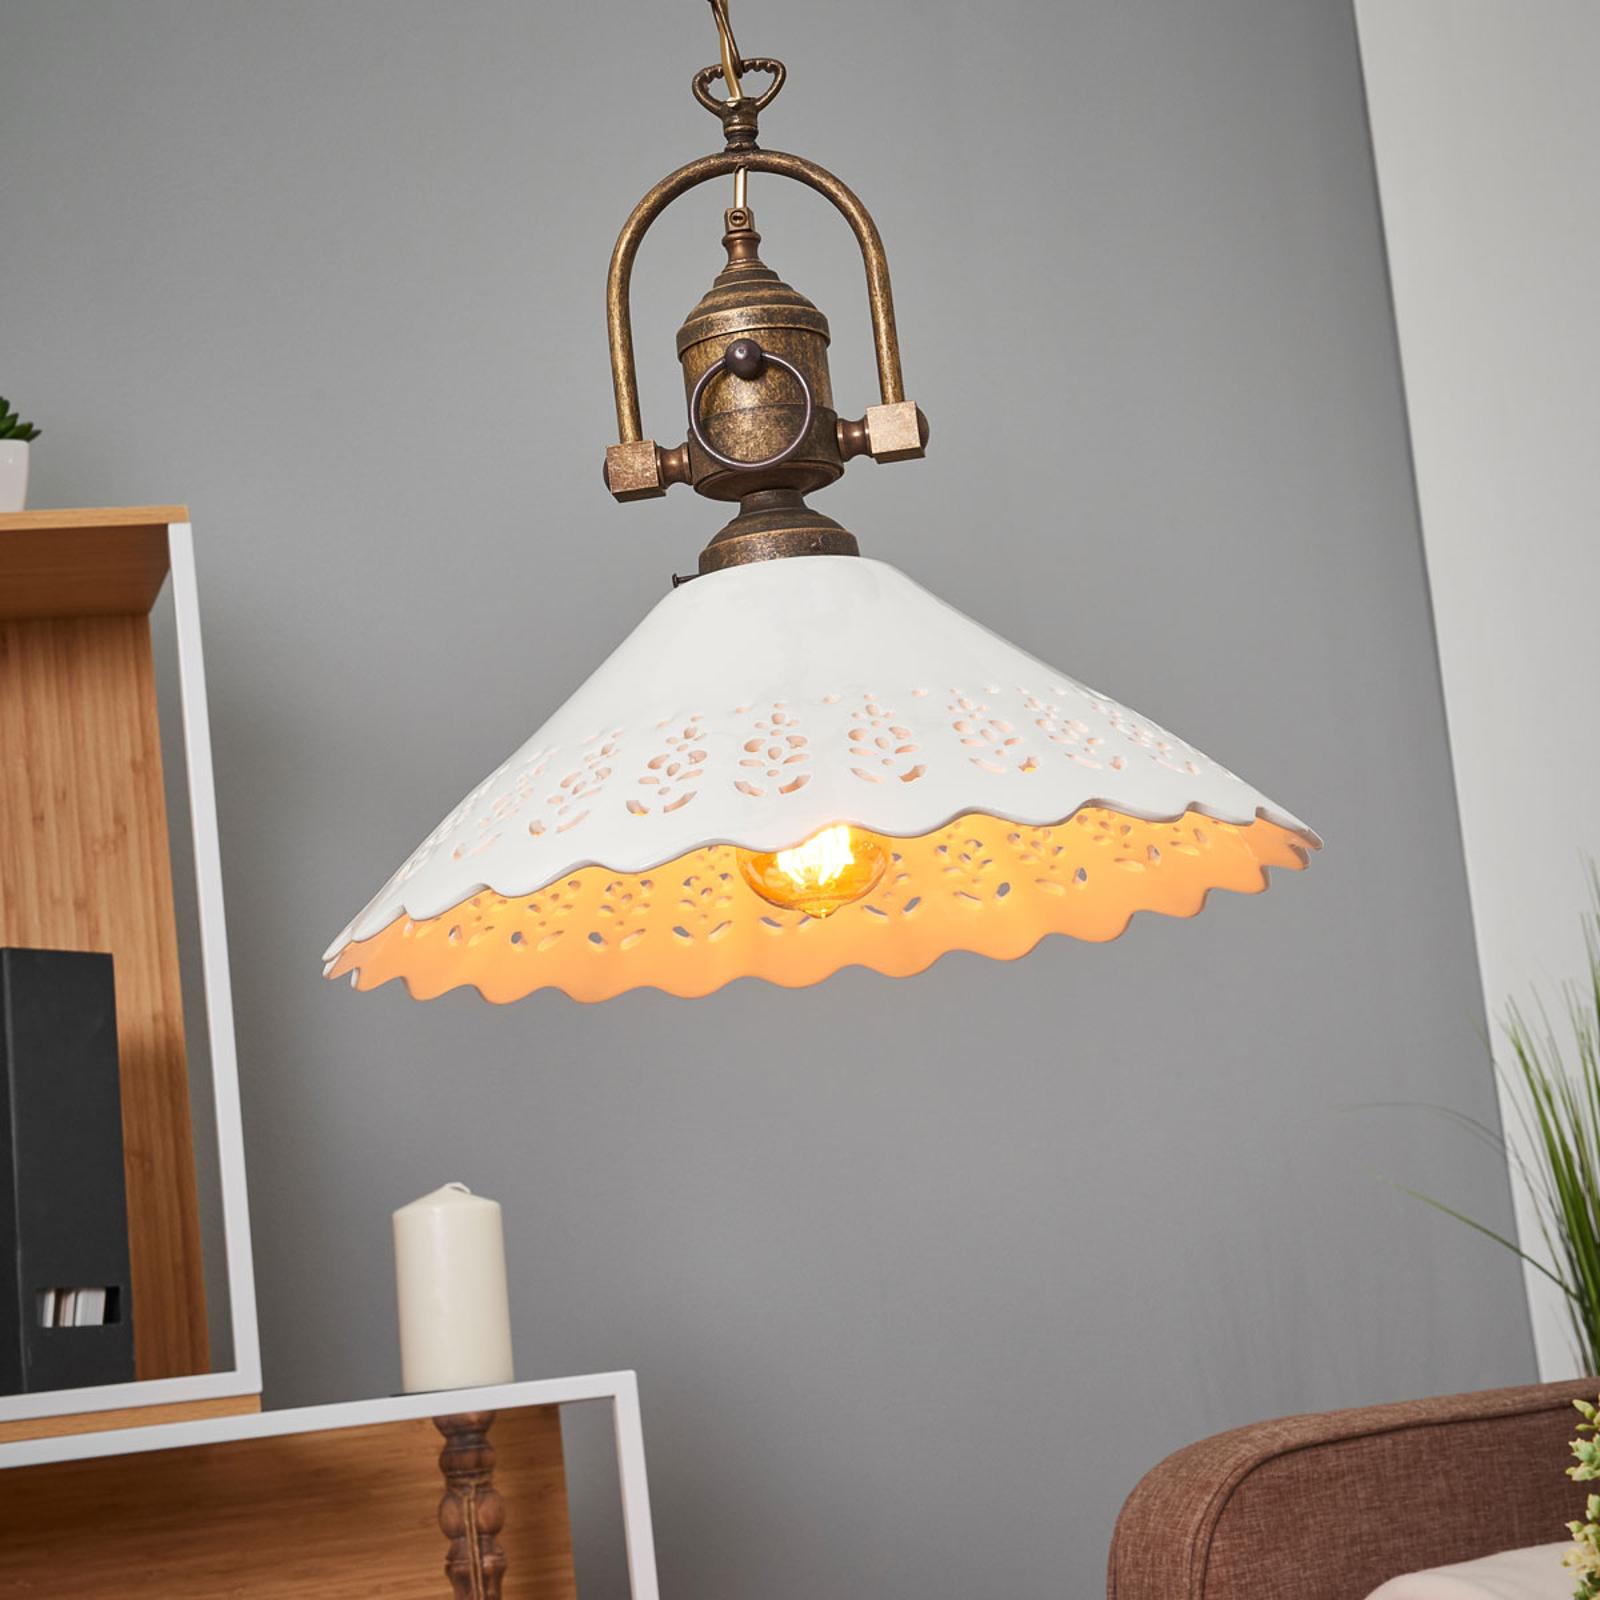 Závesná lampa Pizzo s reťazou, 1-plameňová_2013057_1